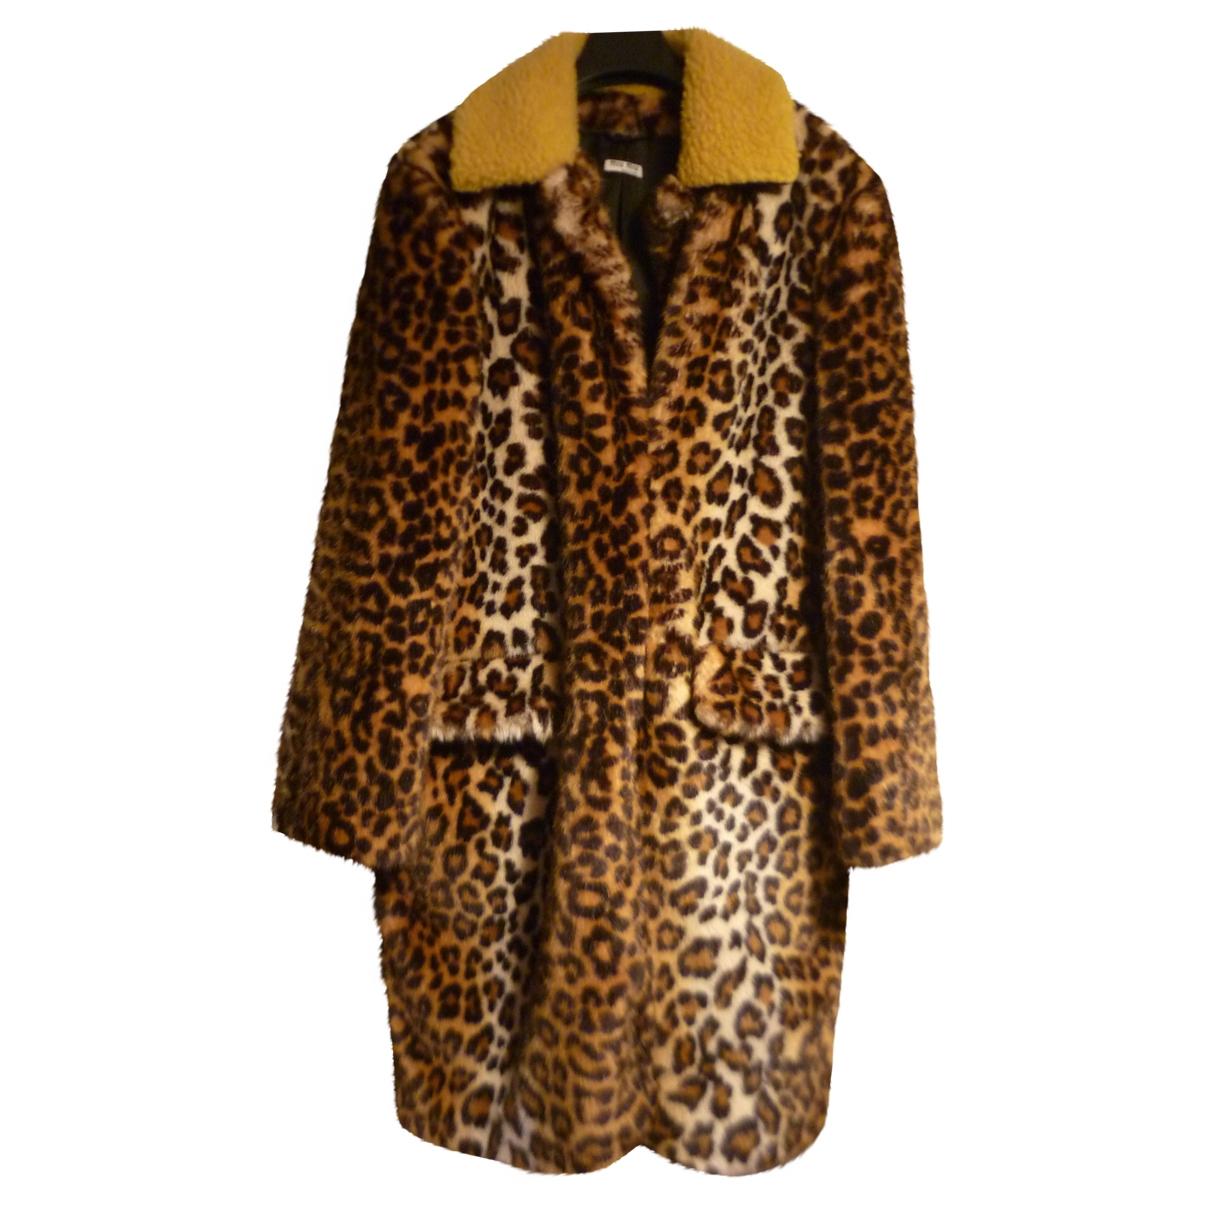 Miu Miu - Manteau   pour femme en fourrure synthetique